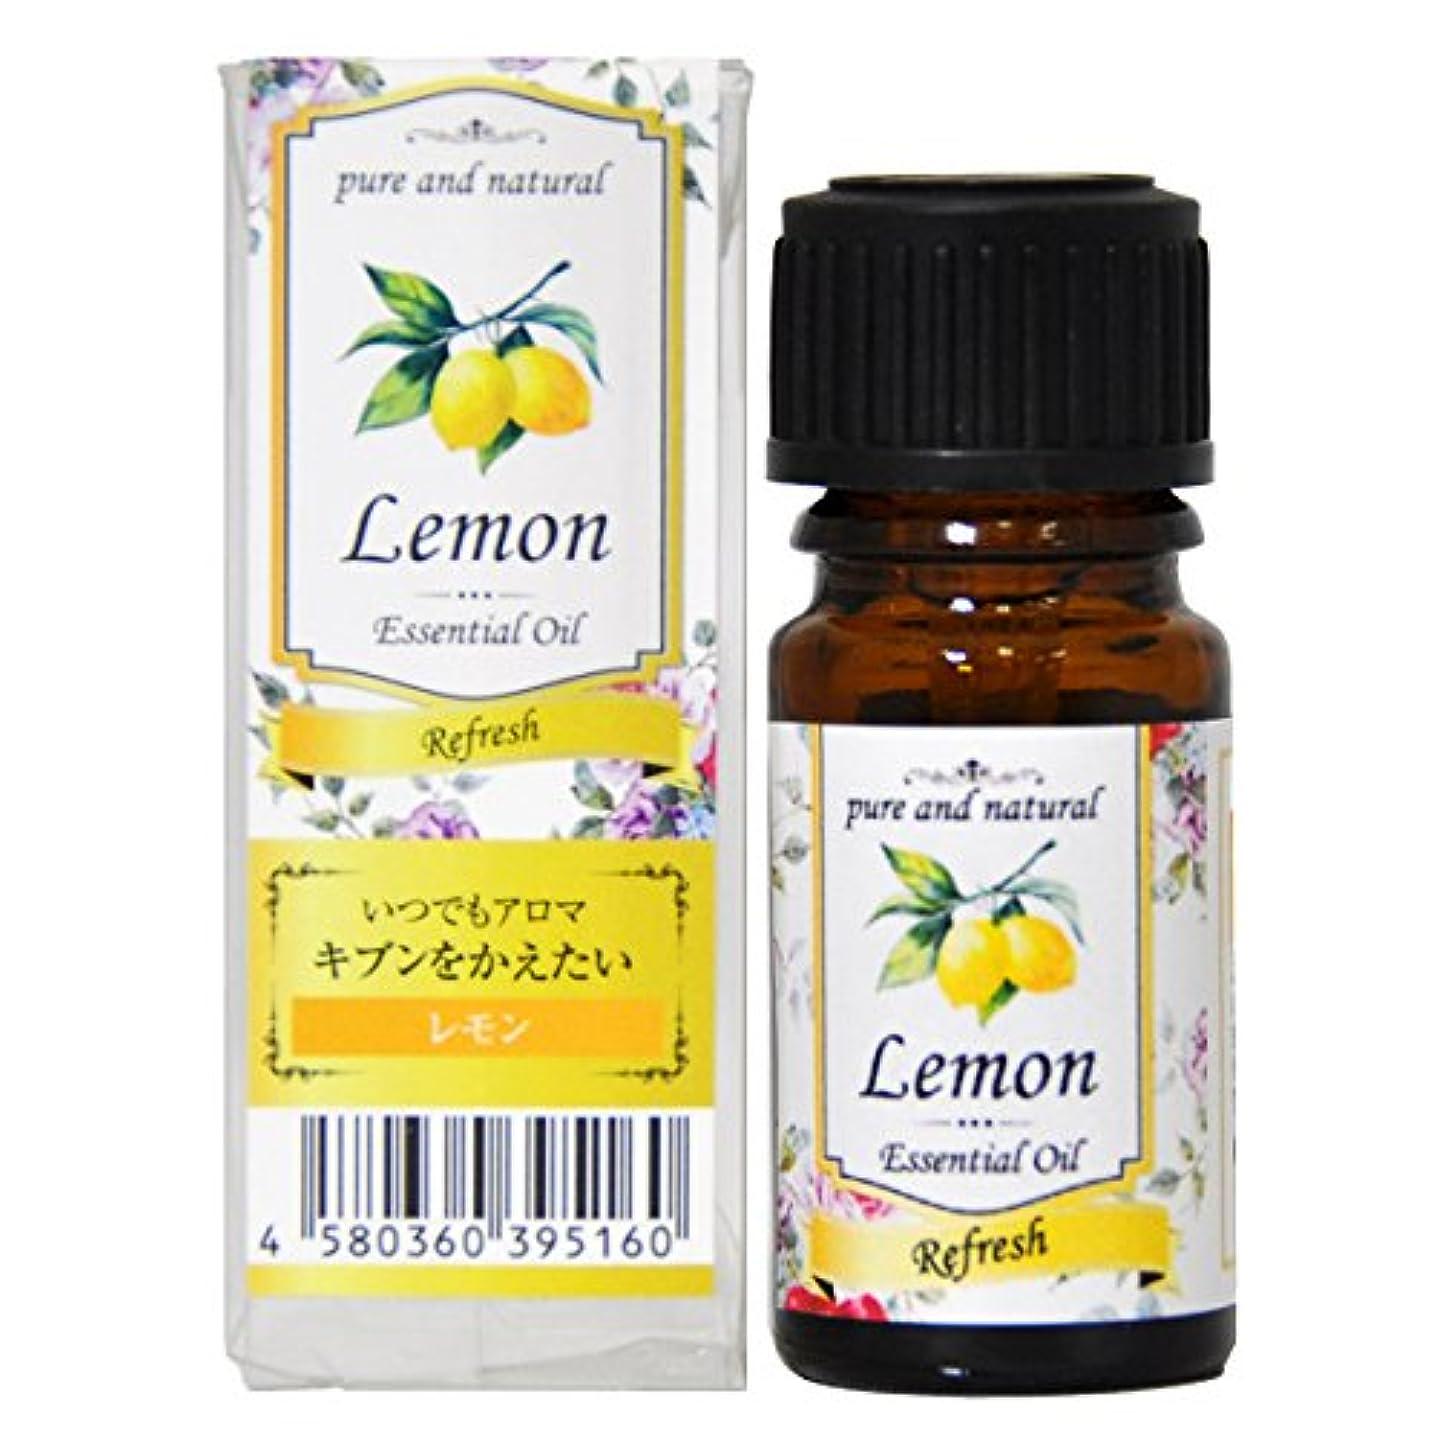 カリス成城 いつでもアロマ レモン 3ml